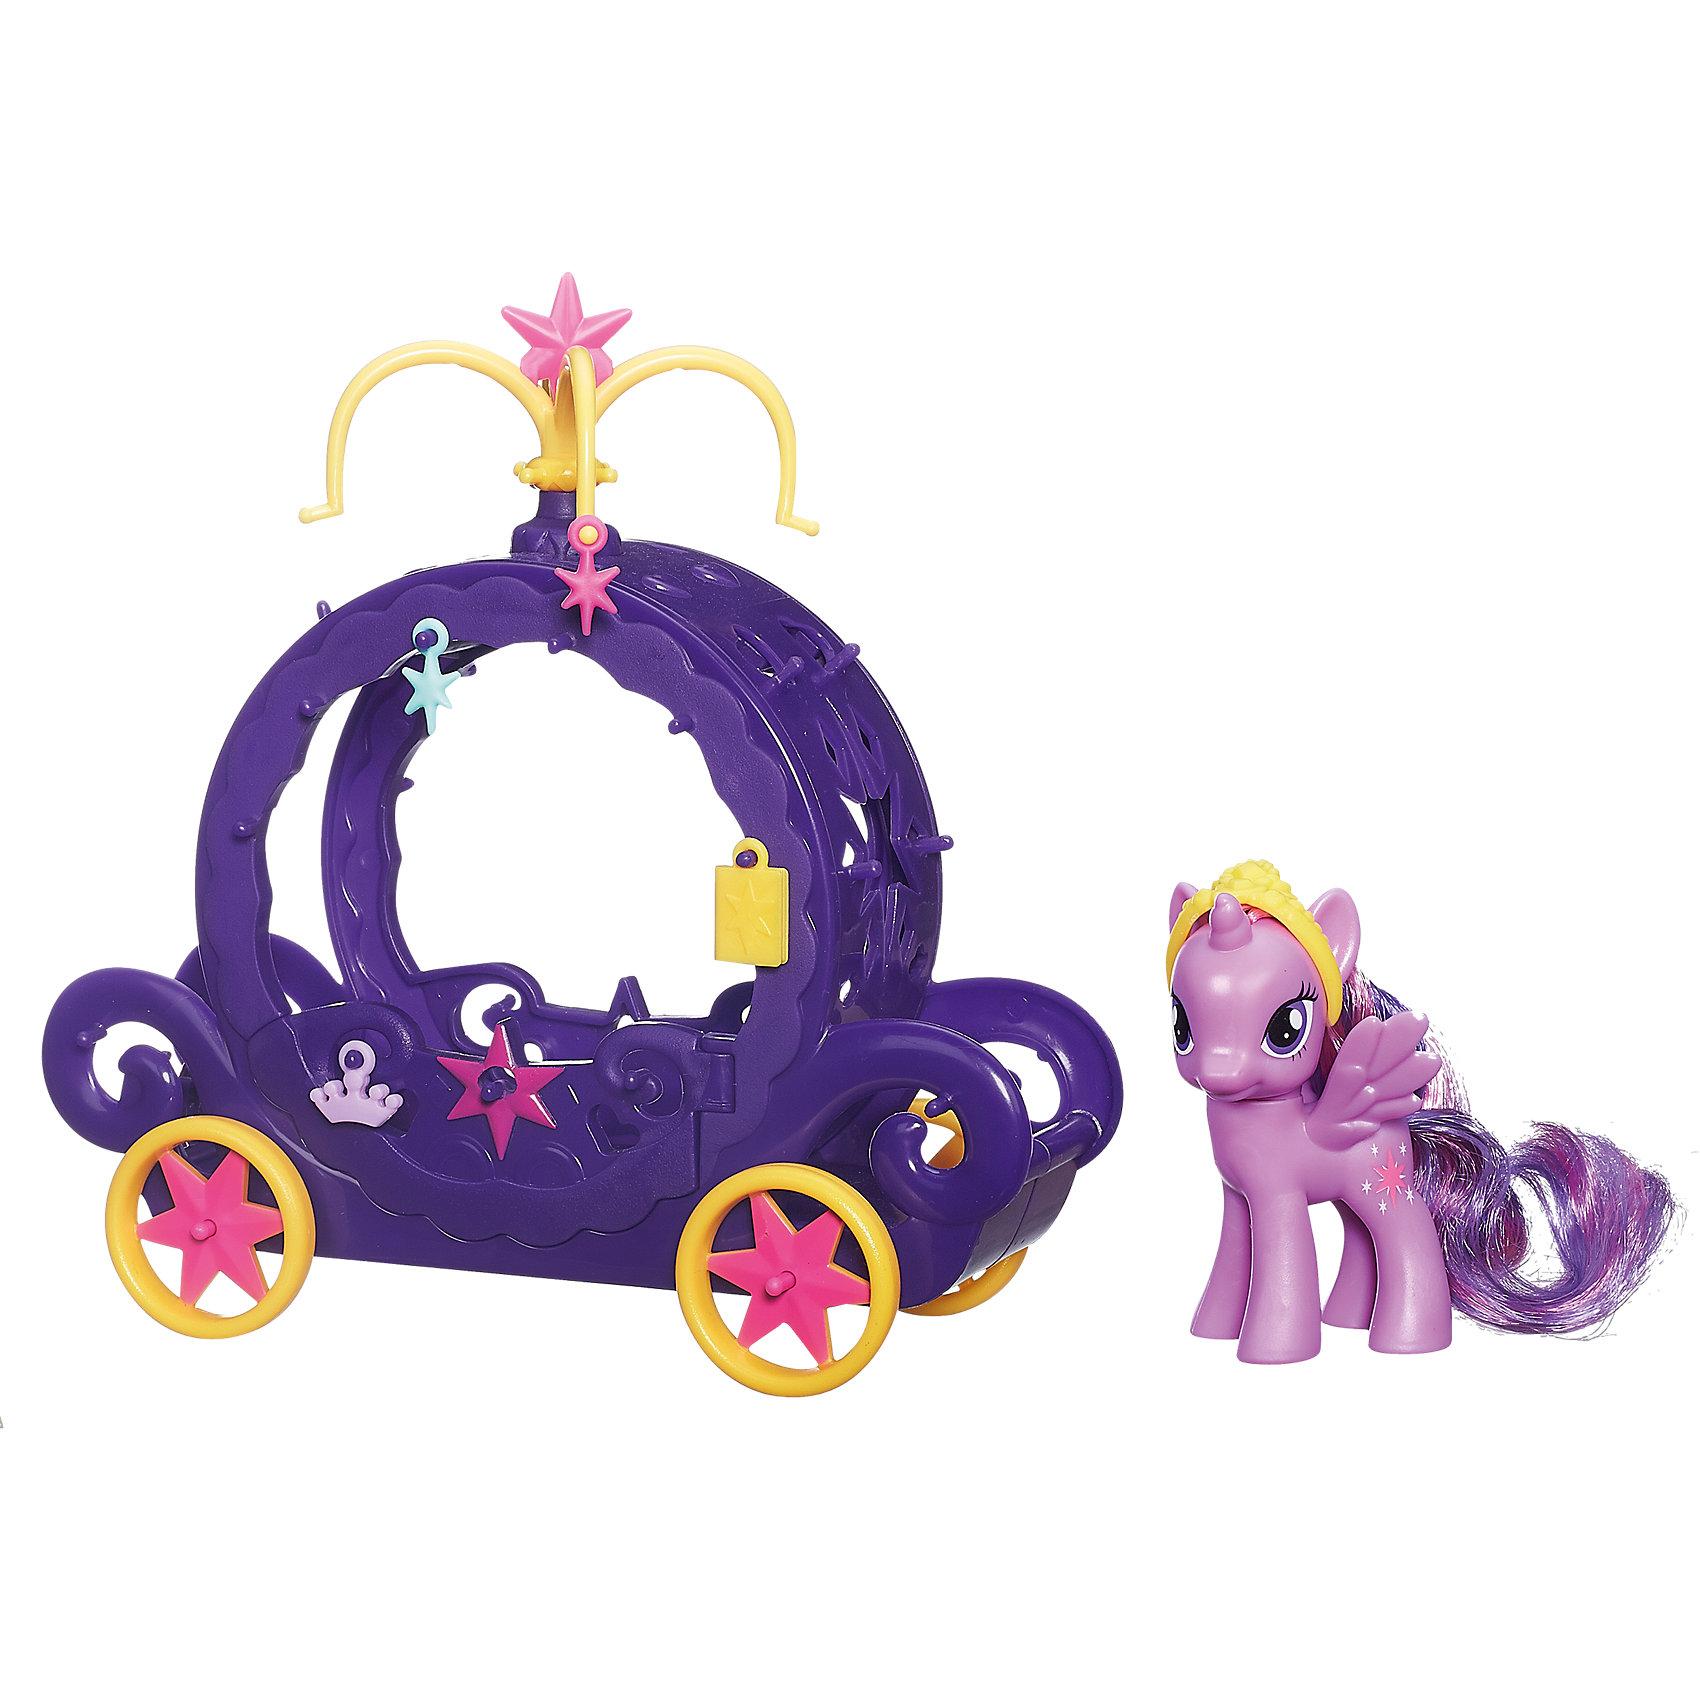 Игровой набор Карета для Твайлайт Спаркл, My little PonyИгровой набор Карета для Твайлайт Спаркл, My little Pony (Моя маленькая Пони) станет замечательным подарком для всех юных поклонниц волшебных лошадок из популярного мультсериала Дружба - это чудо( My Little Pony: Friendship Is Magic). В комплект входит роскошная фиолетовая карета и фигурка пони Твайлайт Спаркл (Сумеречная Искорка). Твайлайт Спаркл - самая умная лошадка из волшебной страны пони Эквестрии, она обожает науку, магию и читает много книг. Карета выполнена в стильном оригинальном дизайне с ажурными узорами, дверцы открываются. В наборе также Вы найдете тиару для пони и аксессуары для украшения кареты.<br><br>Дополнительная информация:<br><br>- В комплекте: карета, фигурка пони Твайлайт Спаркл, тиара, 4 аксессуара для украшения кареты.<br>- Материал: пластик.<br>- Размер упаковки: 25 x 9 x 25 см.<br>- Вес: 0,4 кг.<br><br>Игровой набор Карета для Твайлайт Спаркл, My little Pony (Май Литл Пони) можно купить в нашем интернет-магазине.<br><br>Ширина мм: 256<br>Глубина мм: 251<br>Высота мм: 86<br>Вес г: 359<br>Возраст от месяцев: 48<br>Возраст до месяцев: 72<br>Пол: Женский<br>Возраст: Детский<br>SKU: 3838316